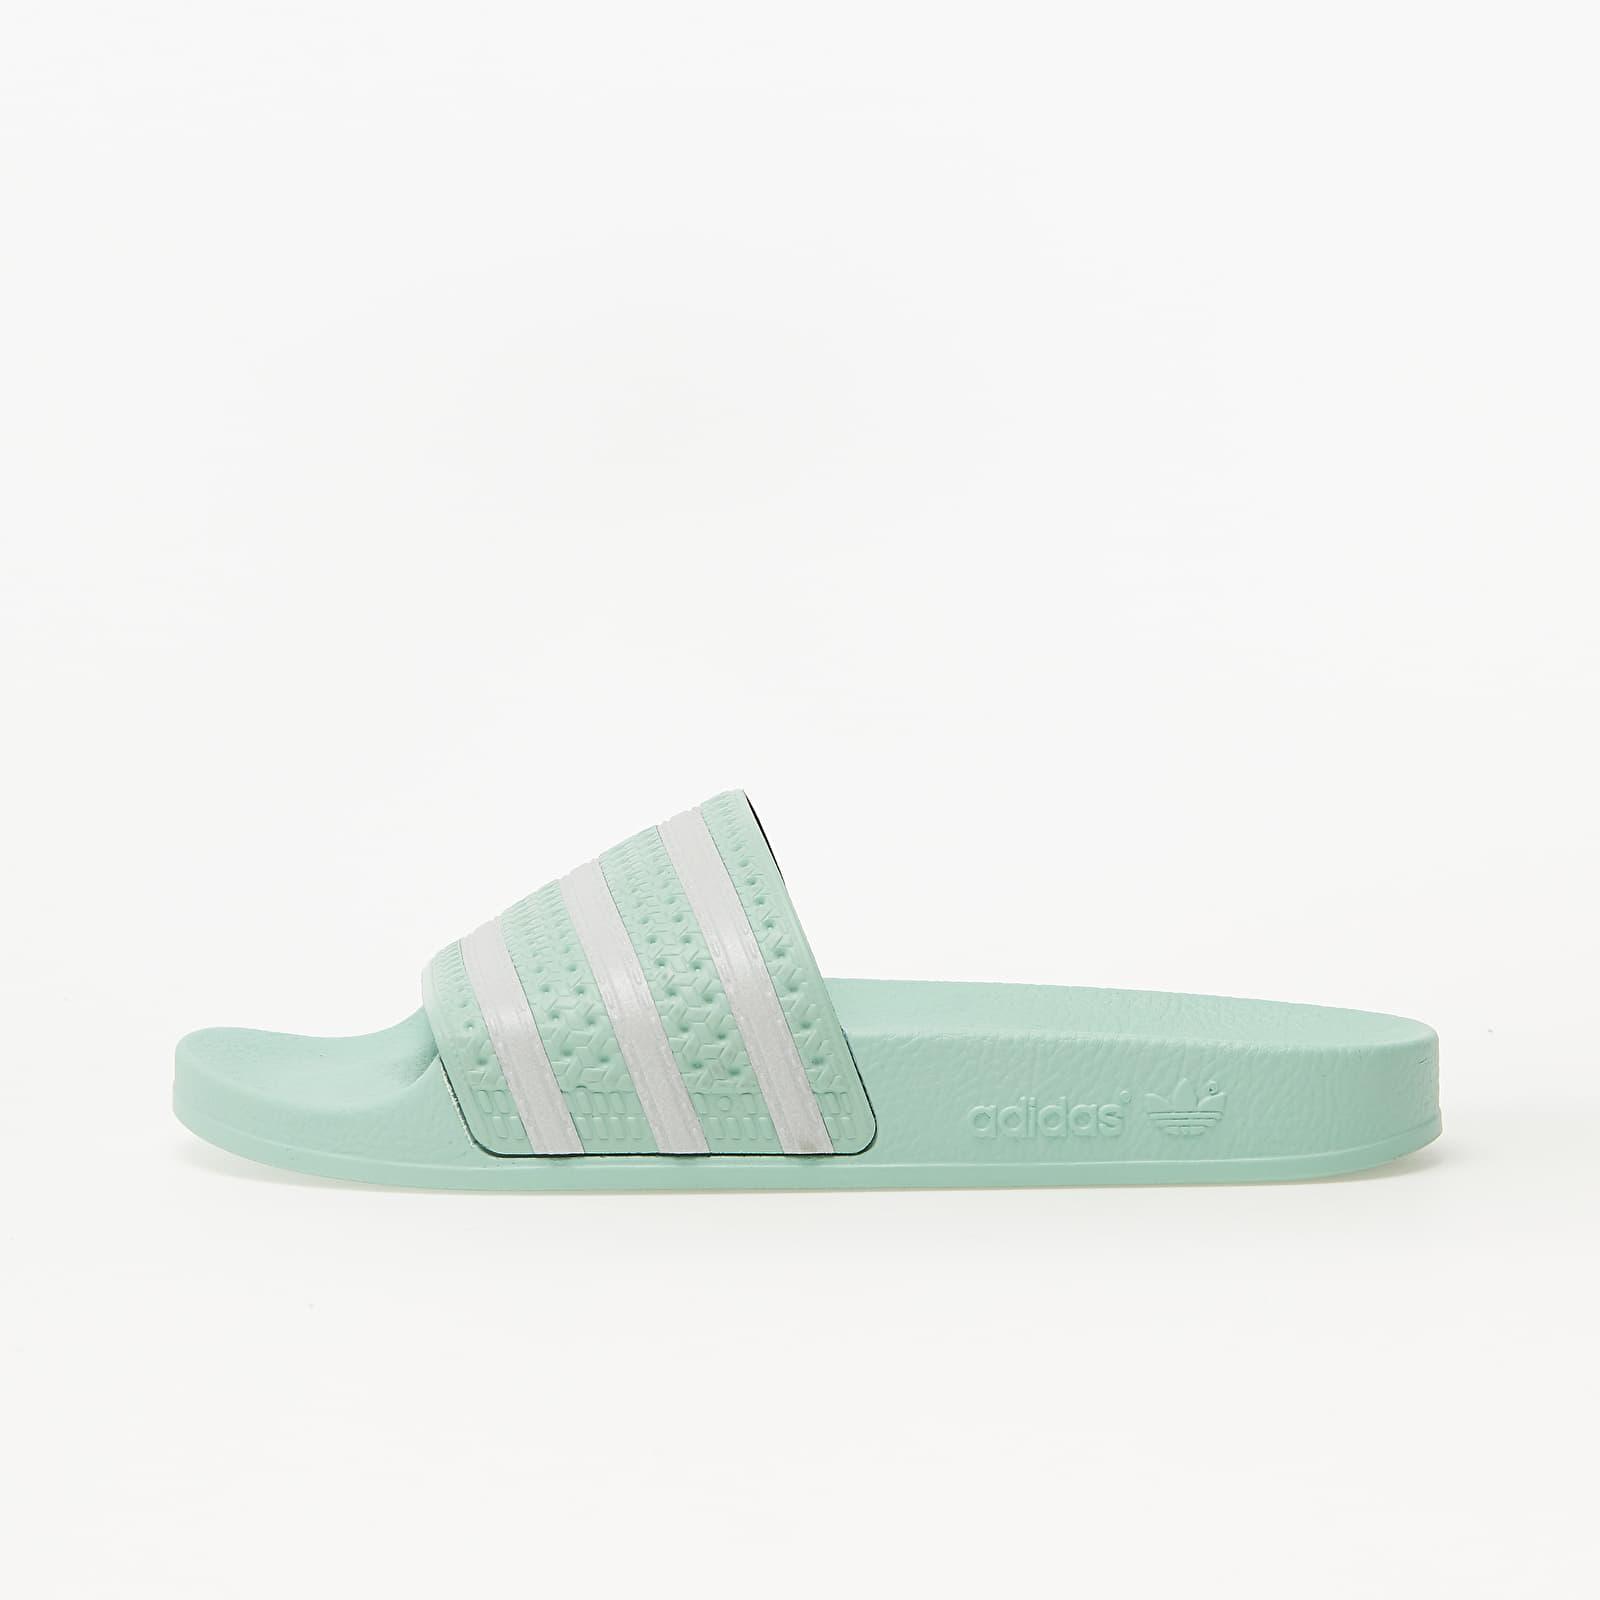 adidas Adilette Blur Green/ Supplier Colour/ Blur Green FU9889